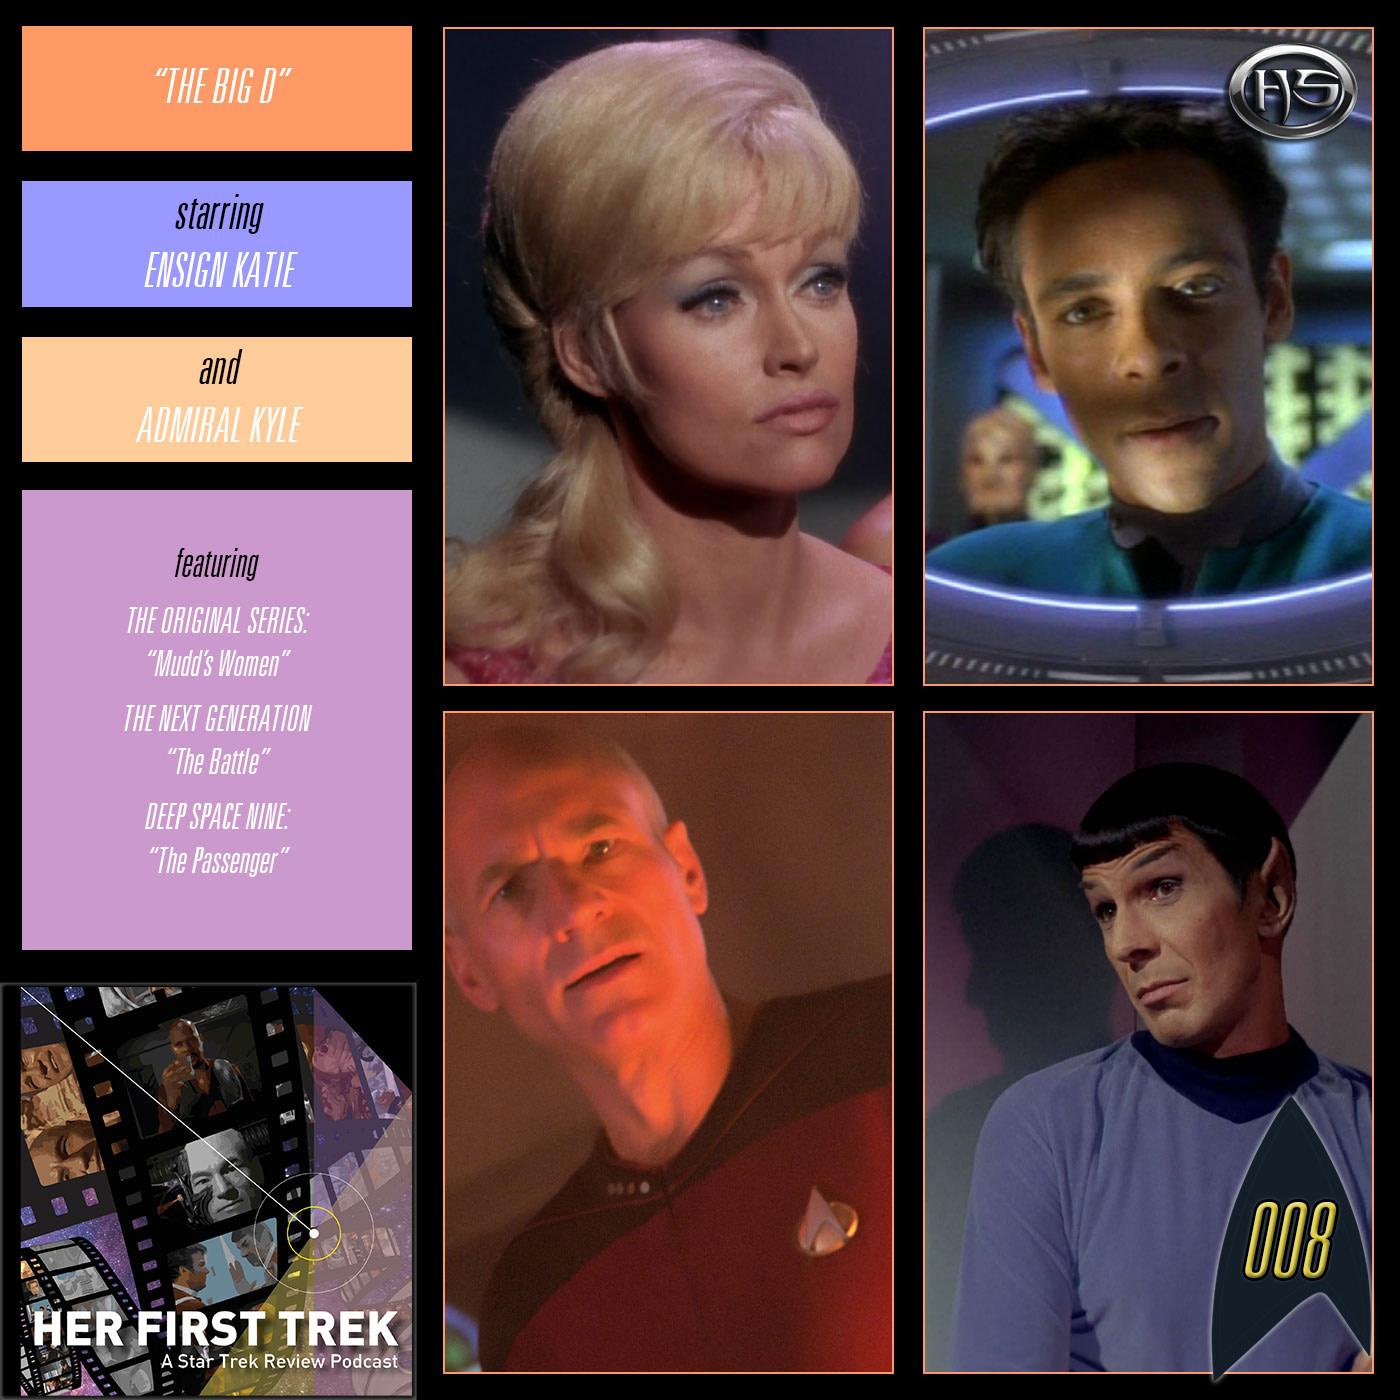 Her First Trek Episode 8